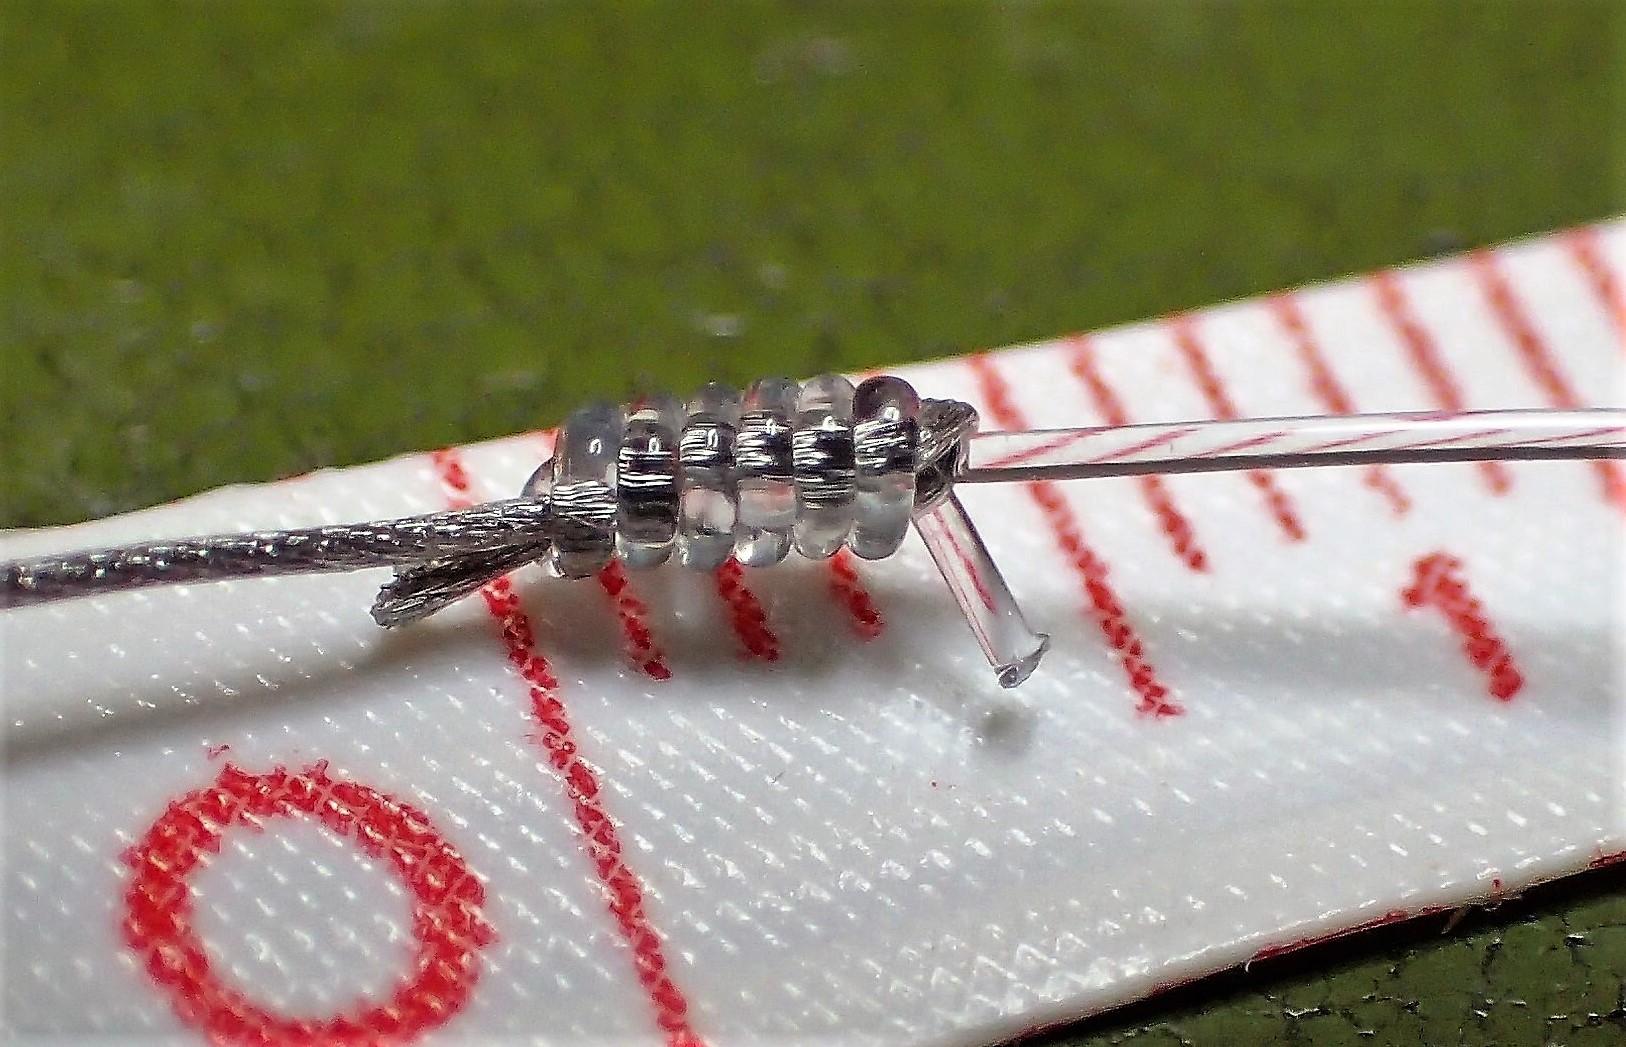 Albright-Knoten zum Fliegenfischen: Kleiner als ein Wirbel: Der Albright-Knoten, der hier das Stahlvorfach mit 0,43er Nylon verbindet, ist nur wenige Millimeter groß. Die Enden von Nylon und Stahl wurden nach dem Foto noch gekürzt. Foto: M. Werner